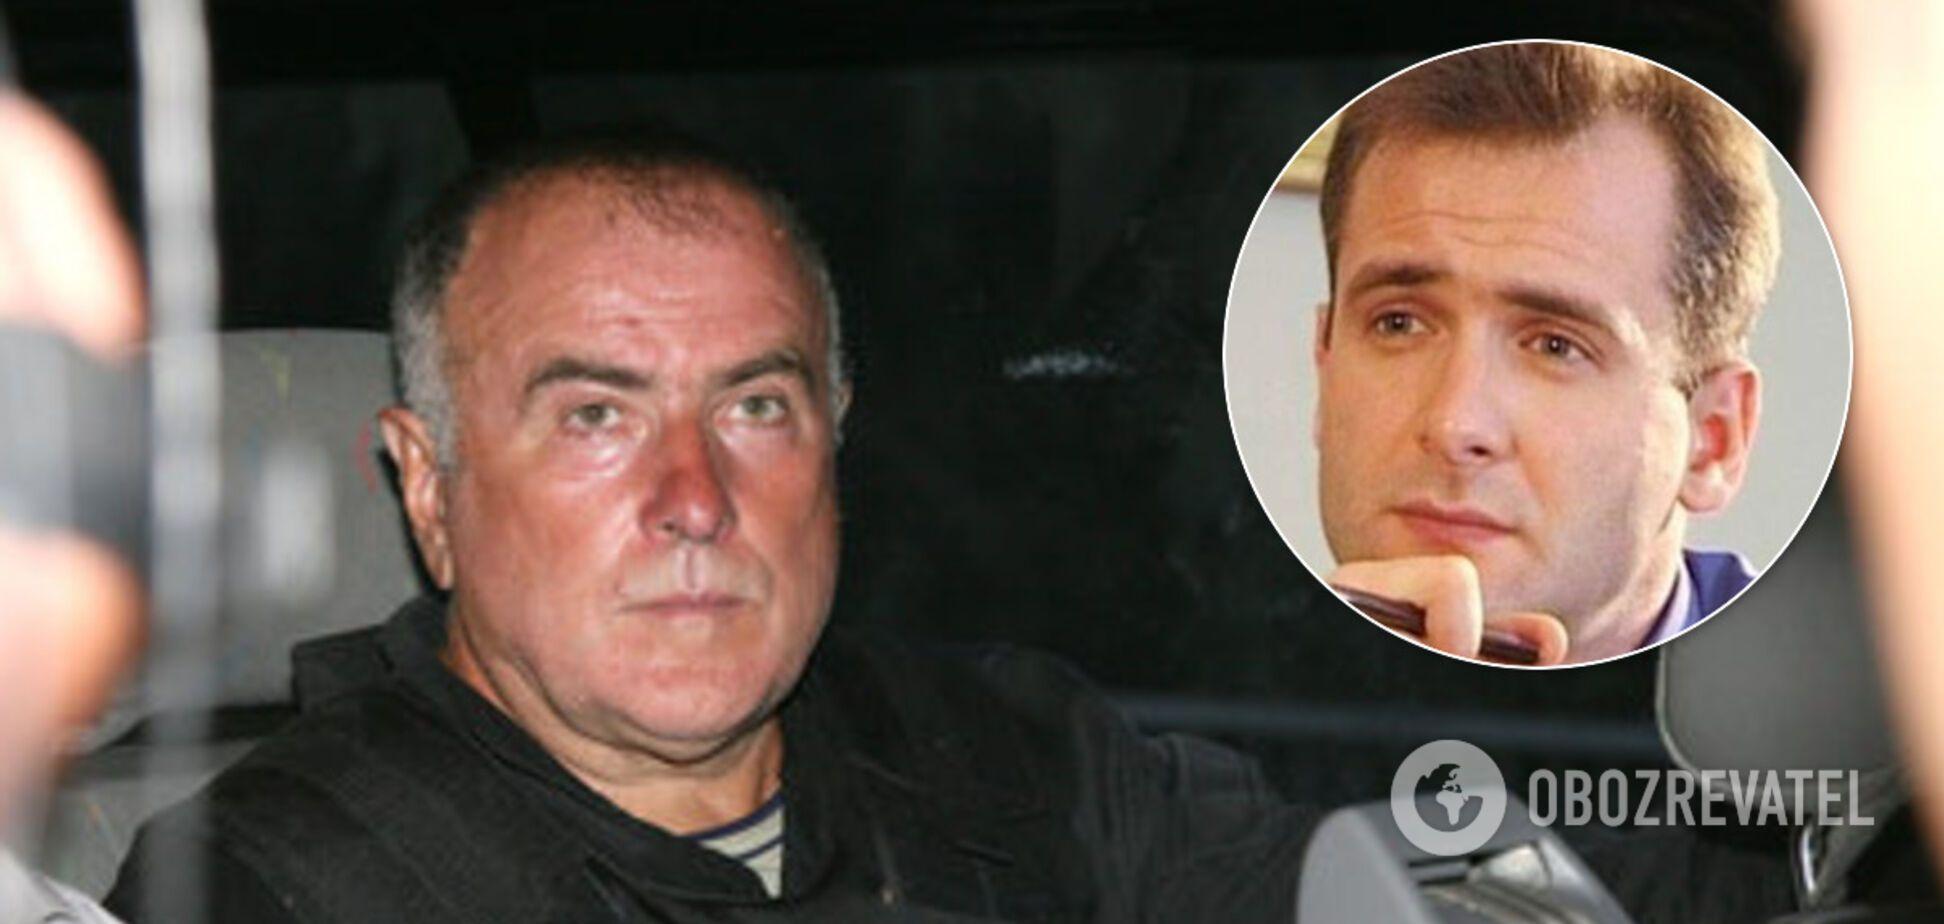 Вбивство Гонгадзе: свідок заявив, що засуджений Пукач готується втекти до Криму